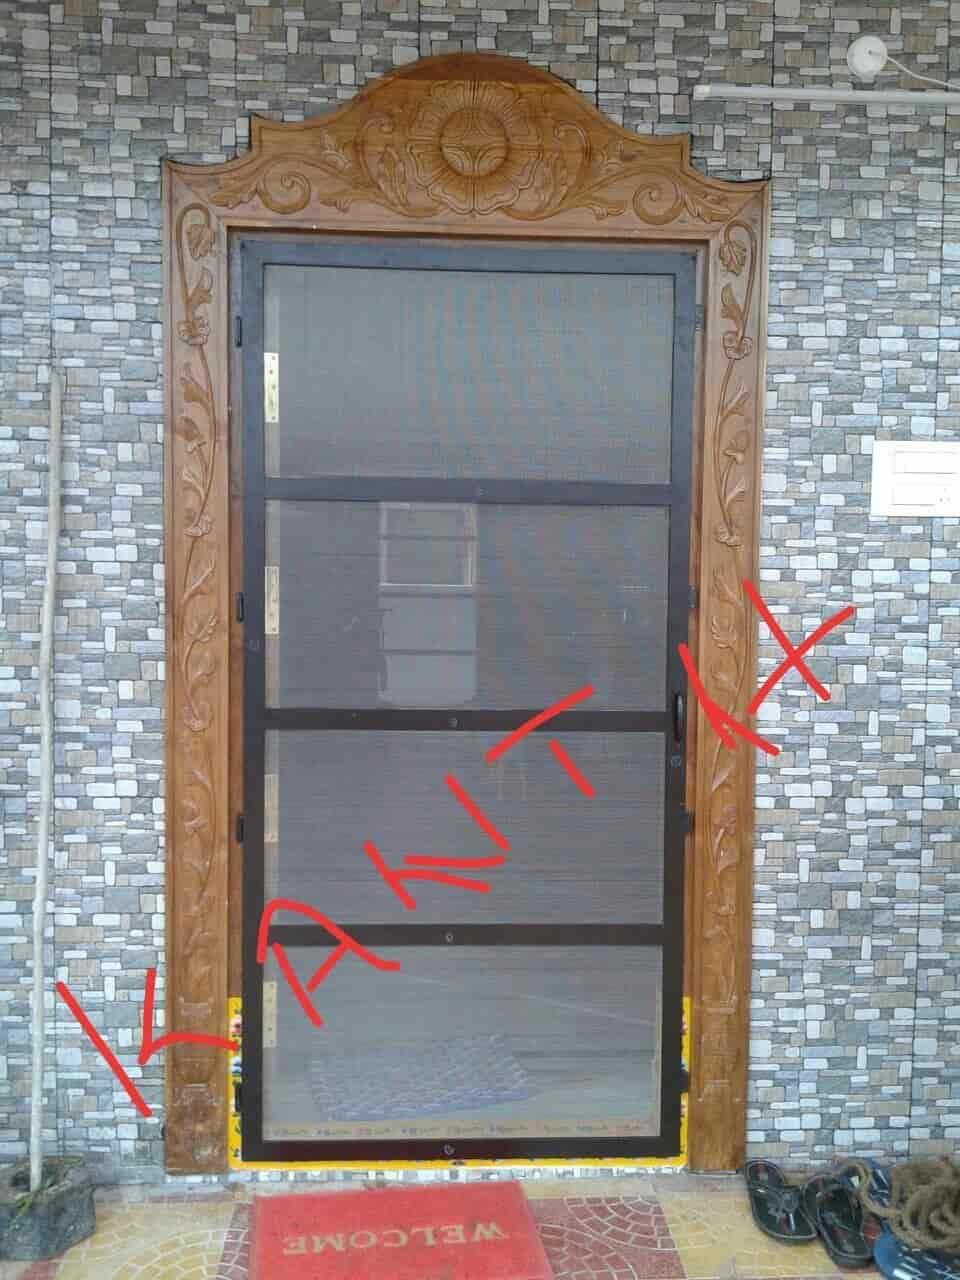 Mesh Doors Vijayawada.ap Tadigaddapa - Mosquito Net Dealers in Vijayawada - Justdial & Mesh Doors Vijayawada.ap Tadigaddapa - Mosquito Net Dealers in ...